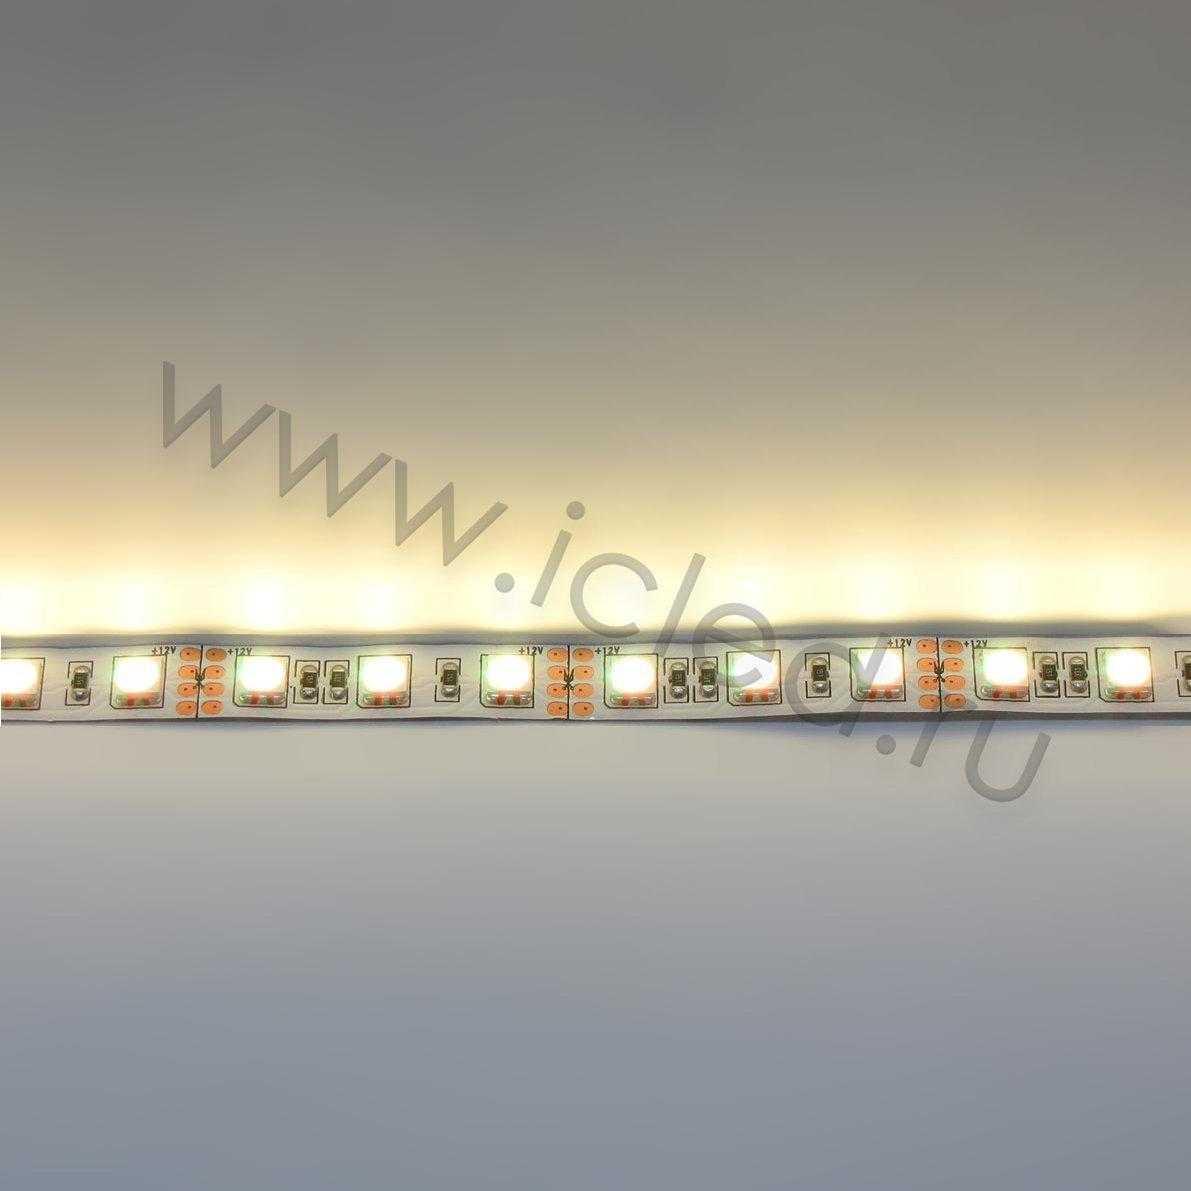 Светодиодная лента Class High, 5050, 72 led/m, RGB Class High, 12V, IP33